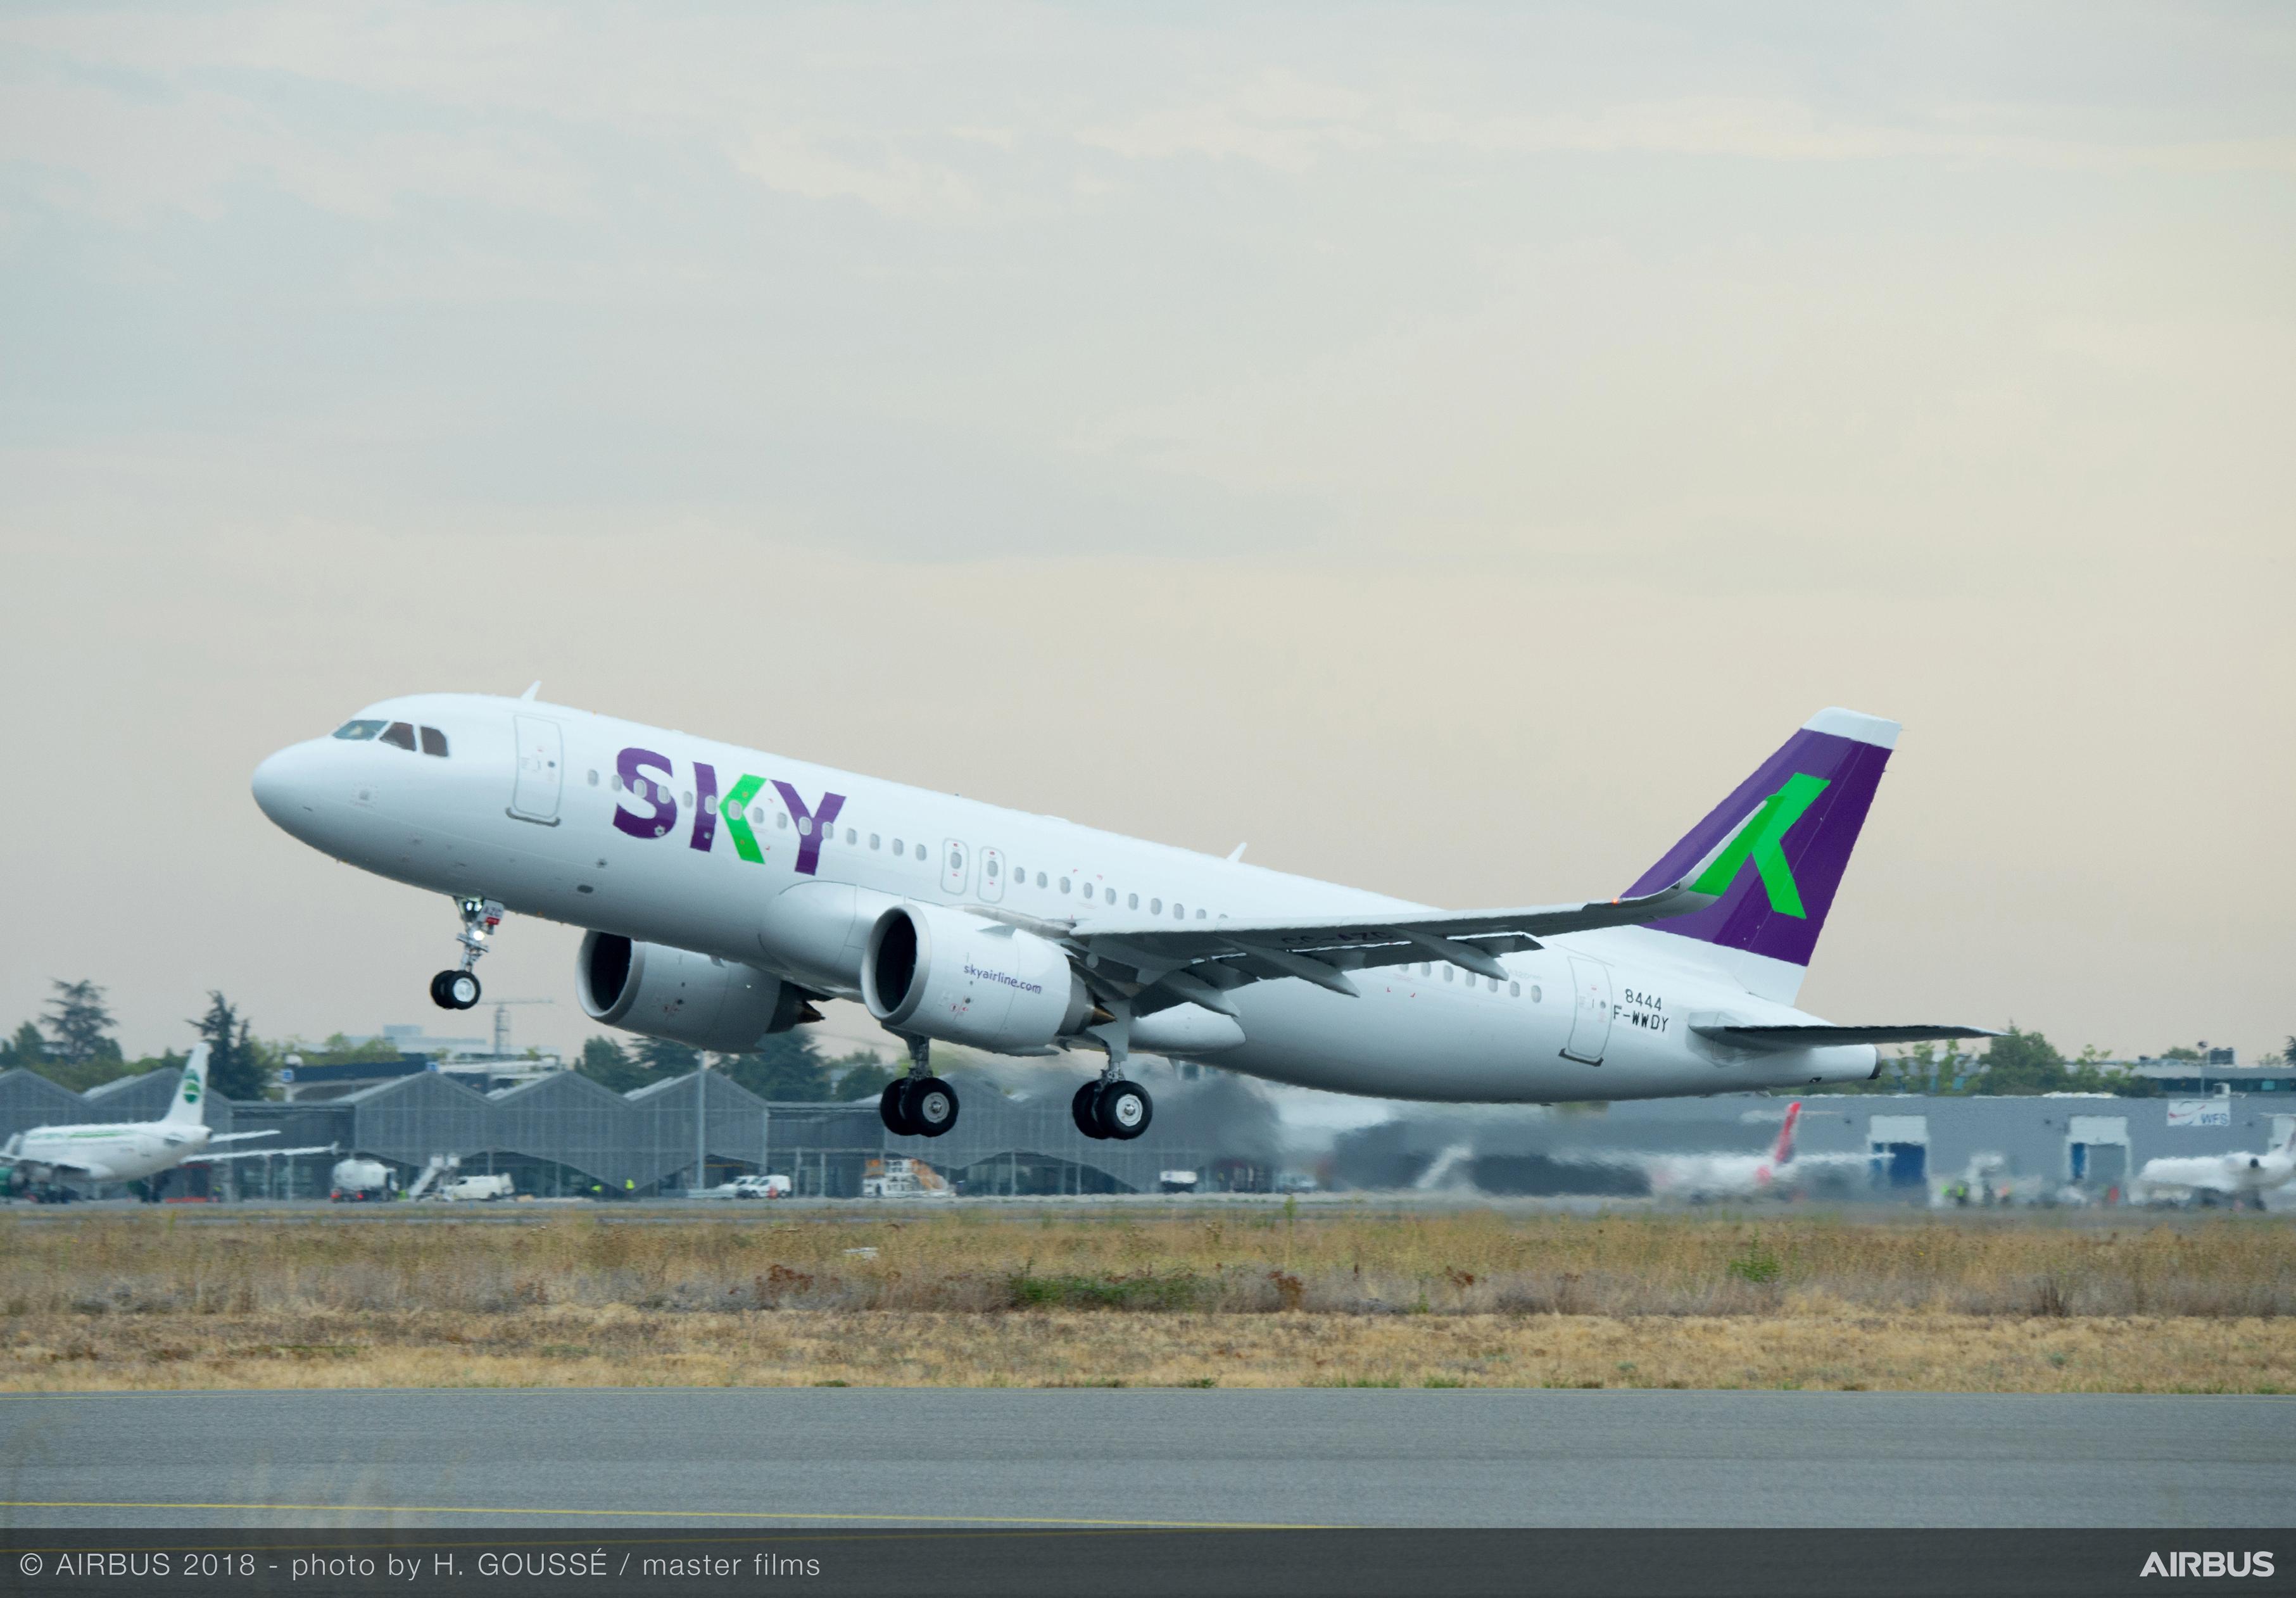 SKY irrumpe el Cibery Monday con ofertas relámpago entre $90 y $990